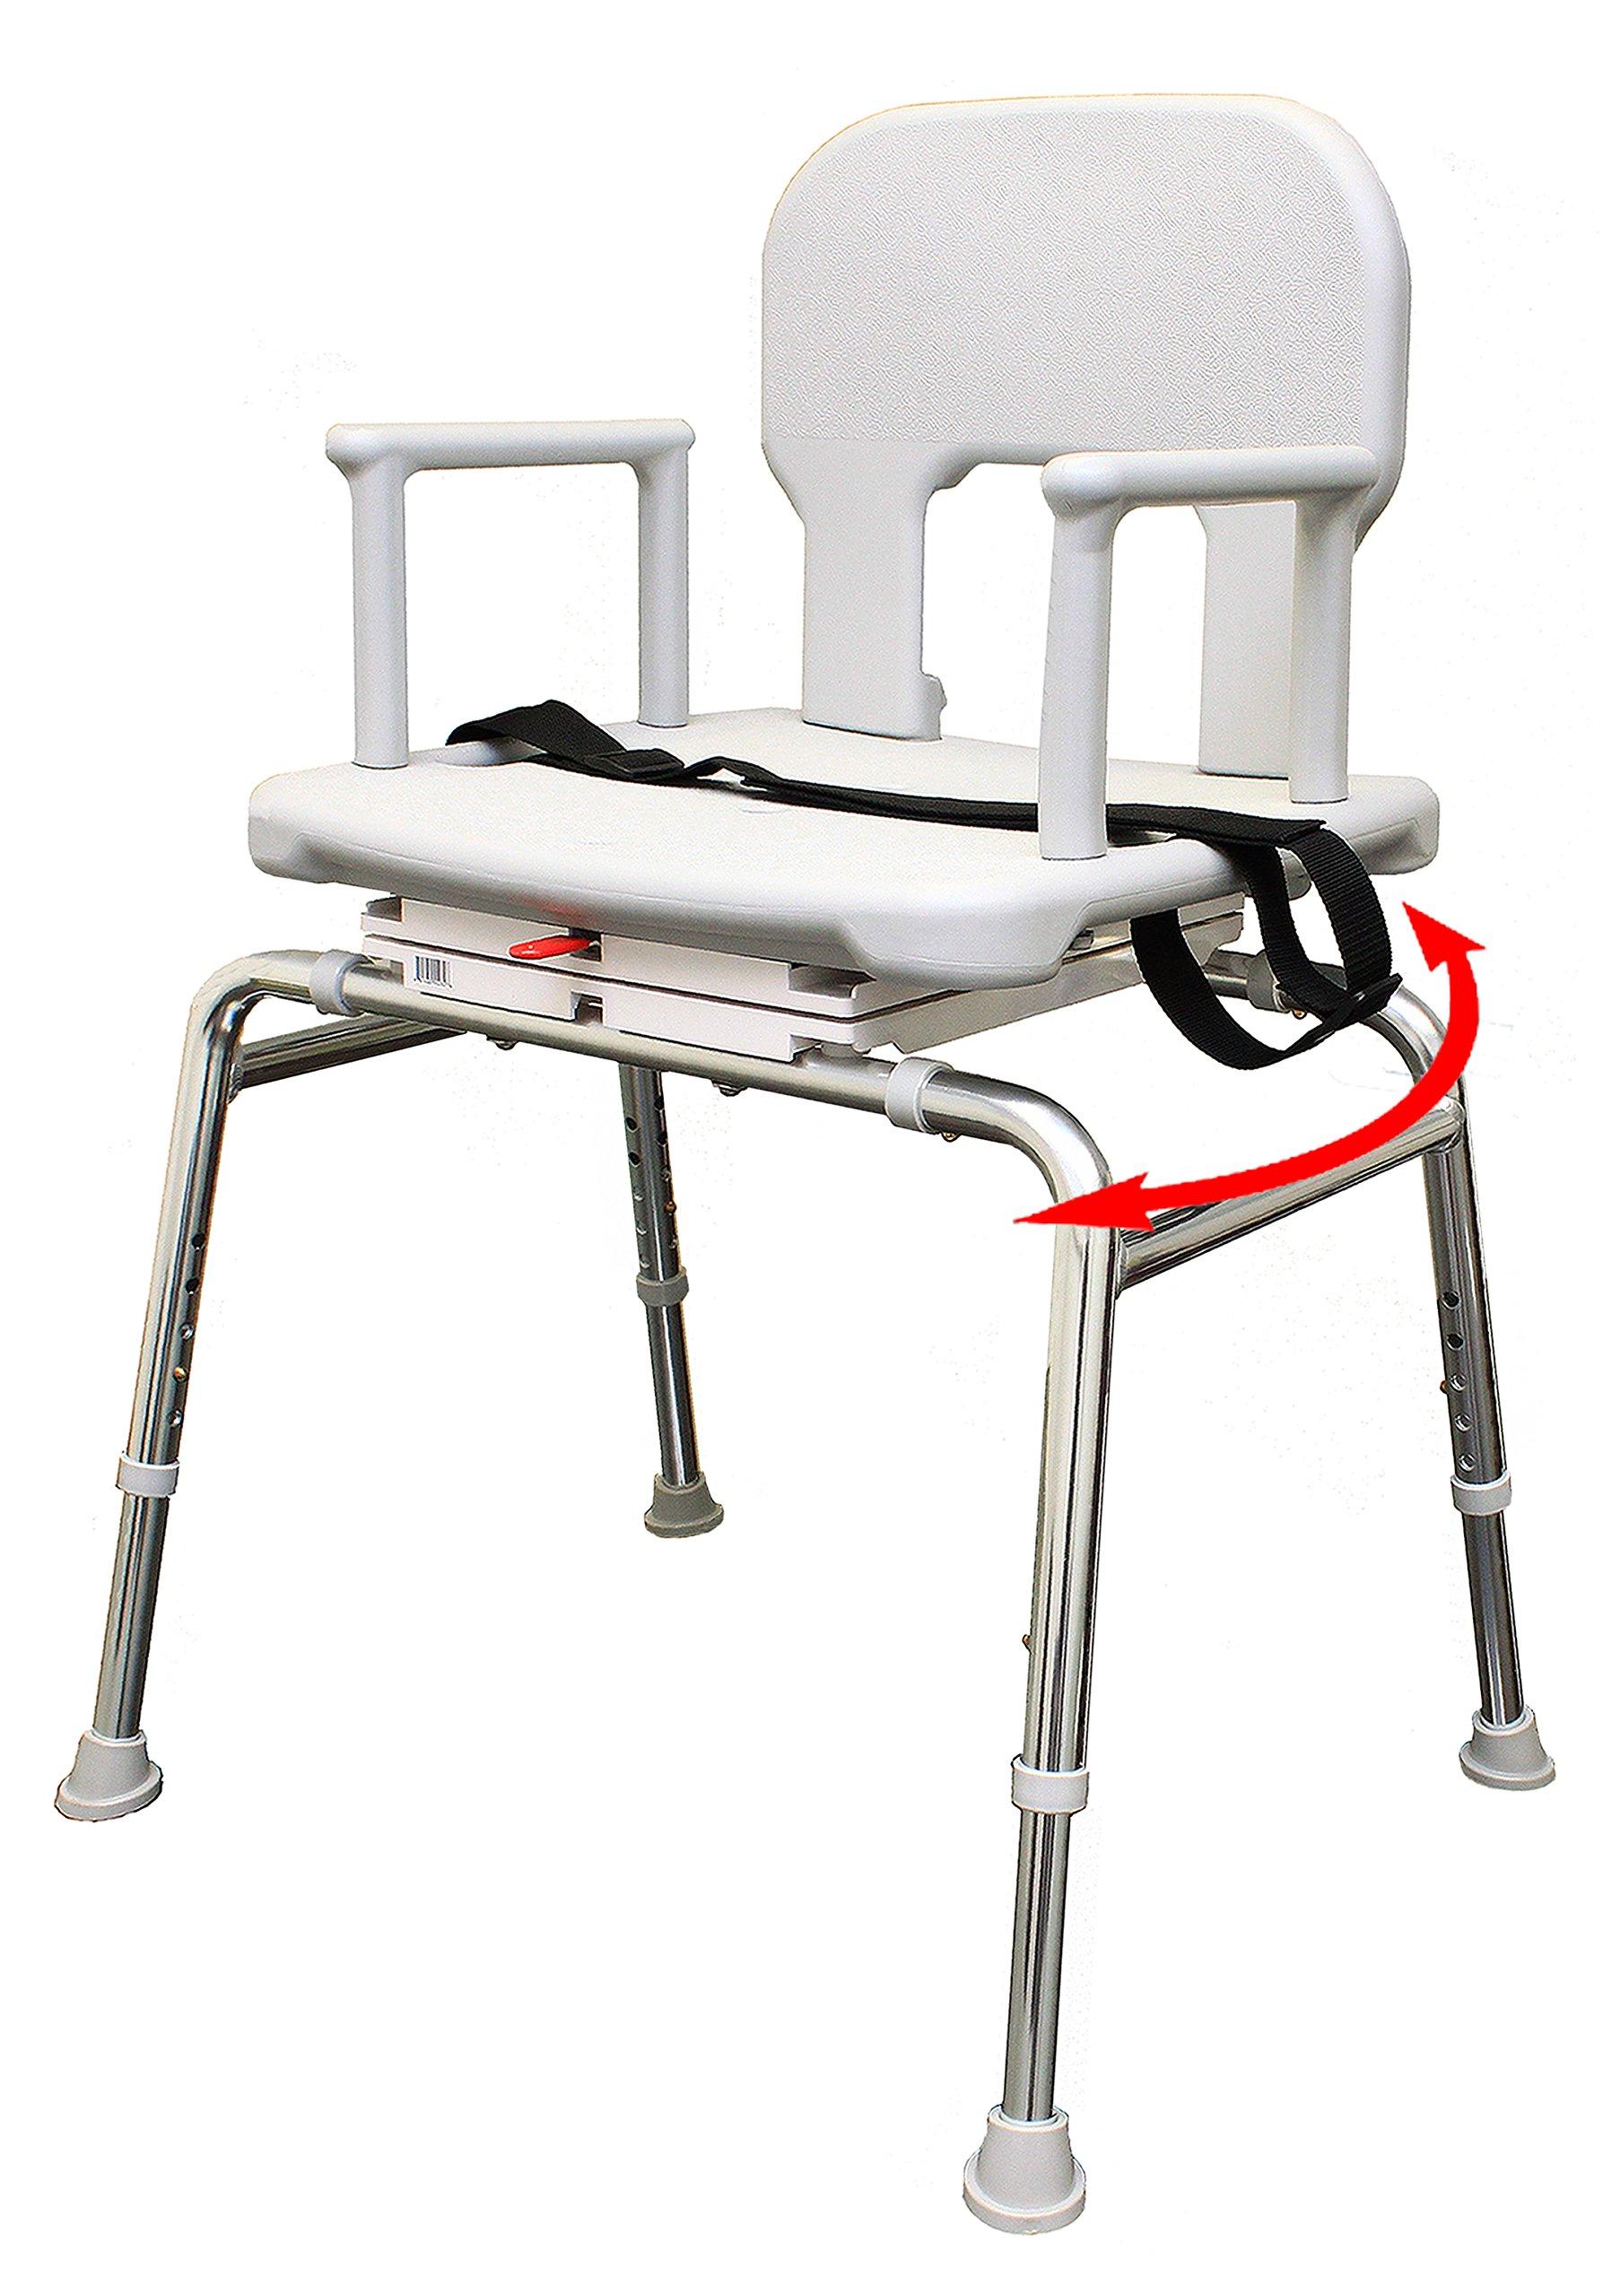 Bariatric Swivel Shower Chair (55232) - Heavy-Duty Shower Bathtub Chair - Eagle Health Supplies